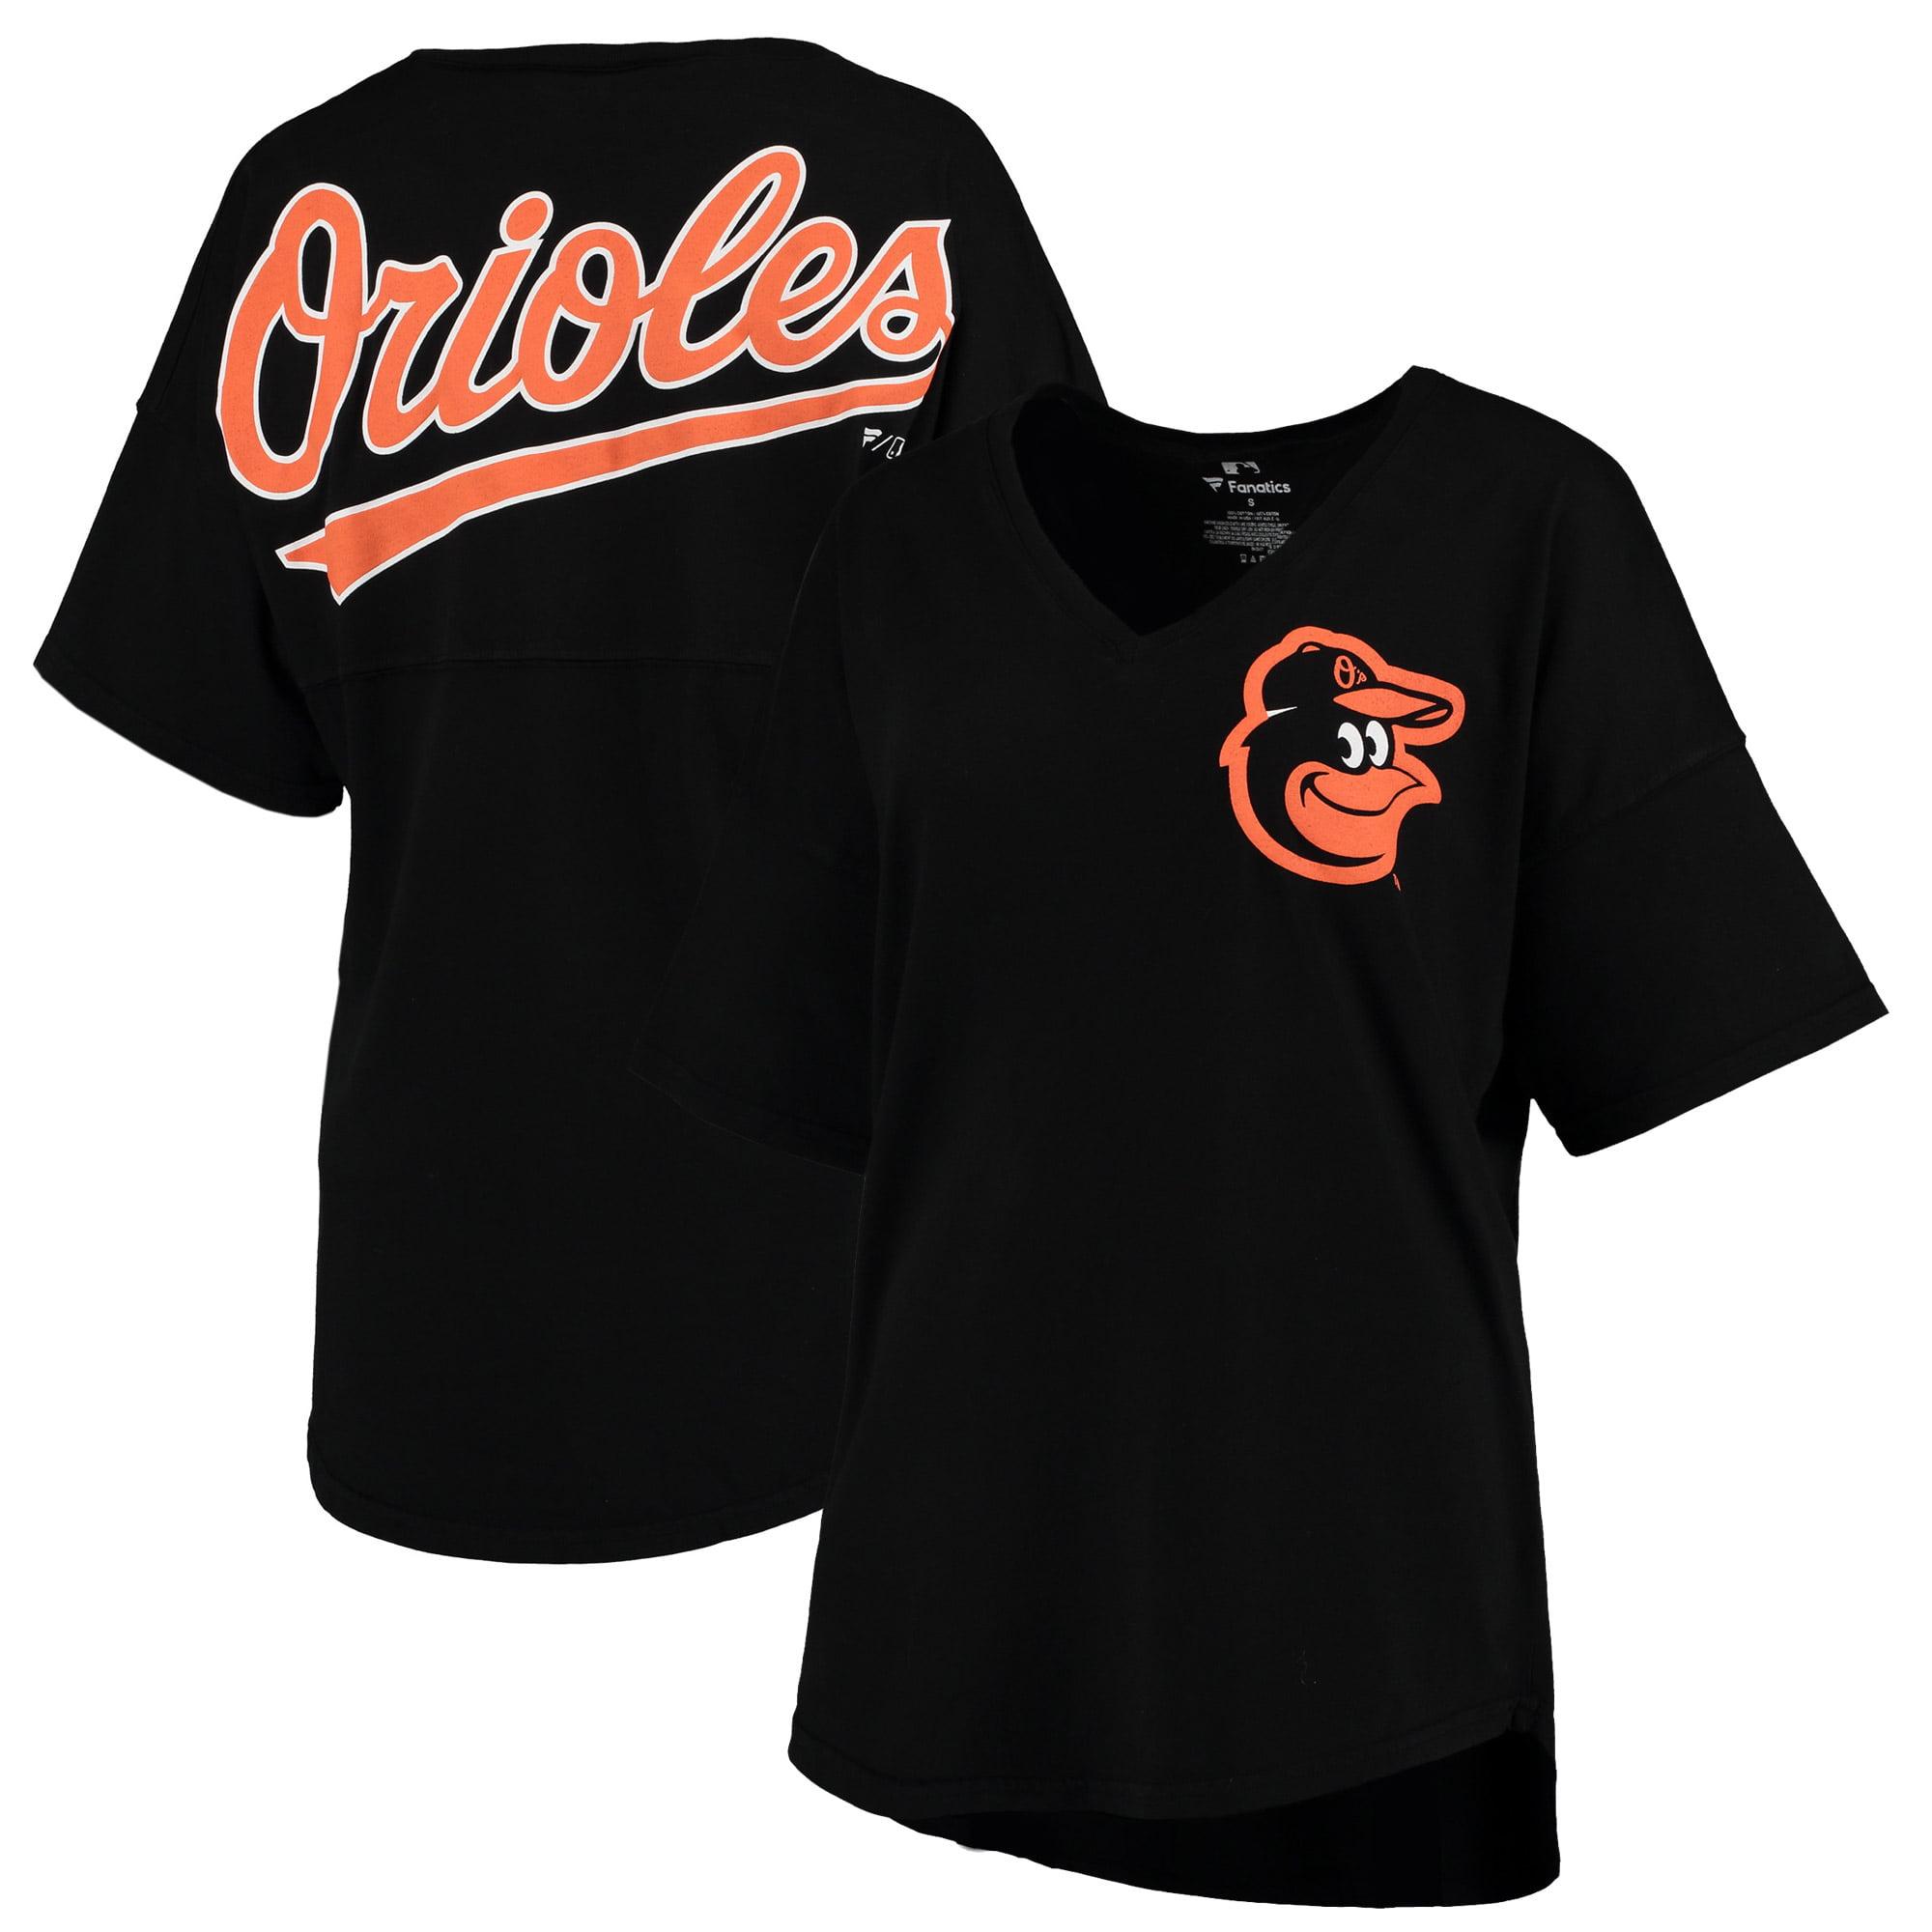 Baltimore Orioles Women's Oversized Spirit Jersey V-Neck T-Shirt - Black